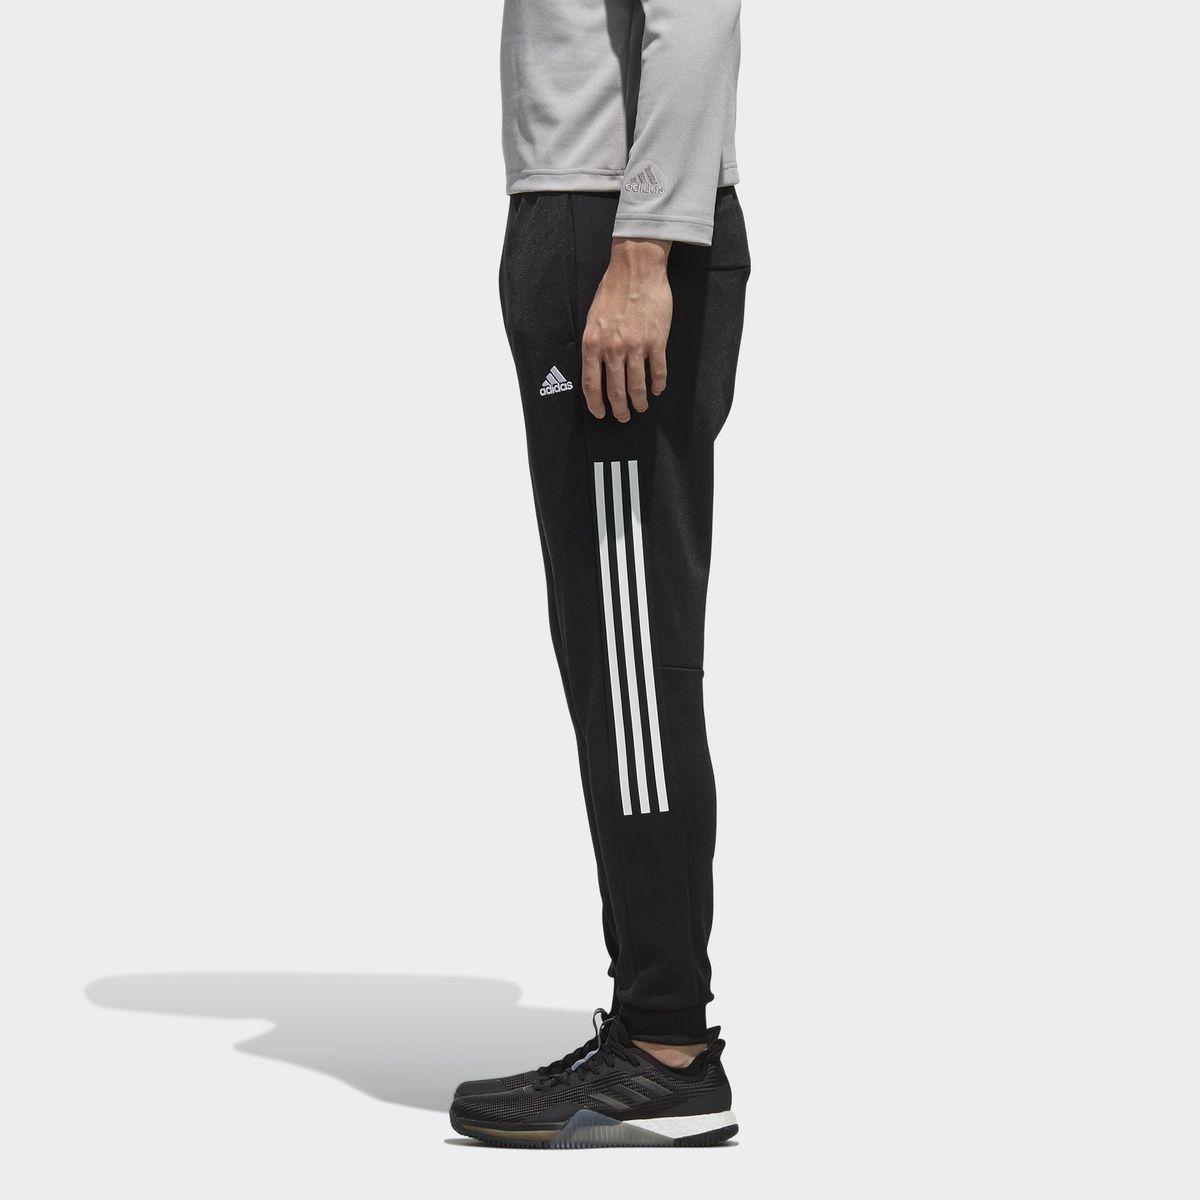 pantalon homme adidas xl/l